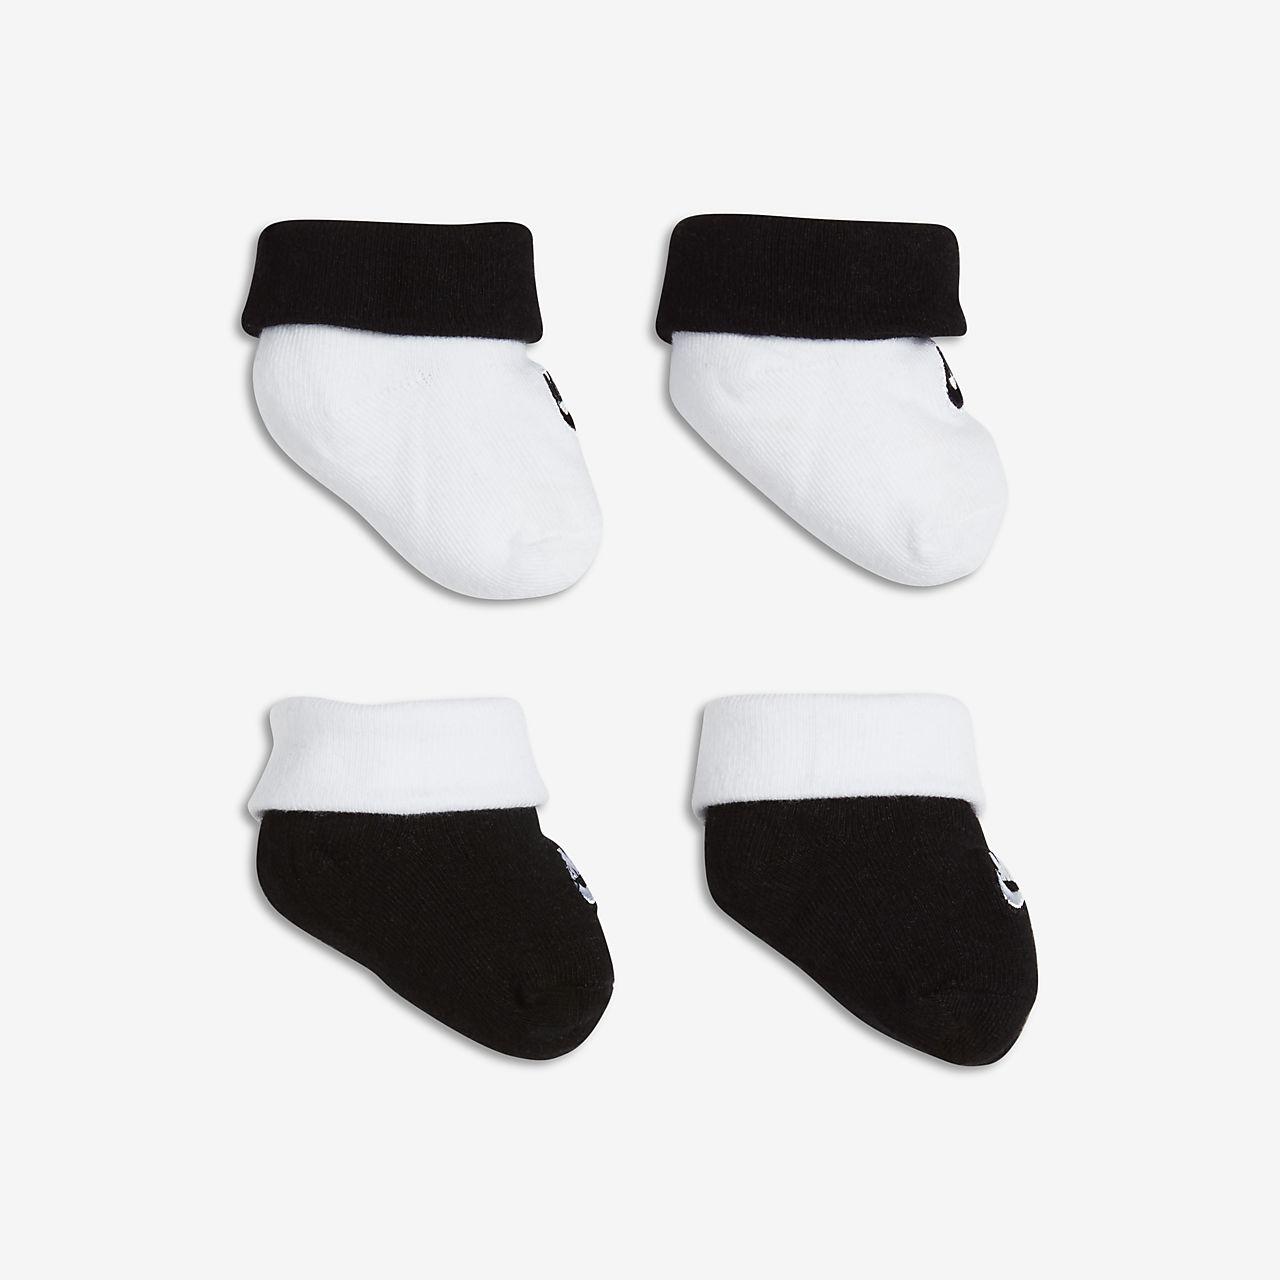 Nike Futura Botins (2 parells) - Nadó i infant